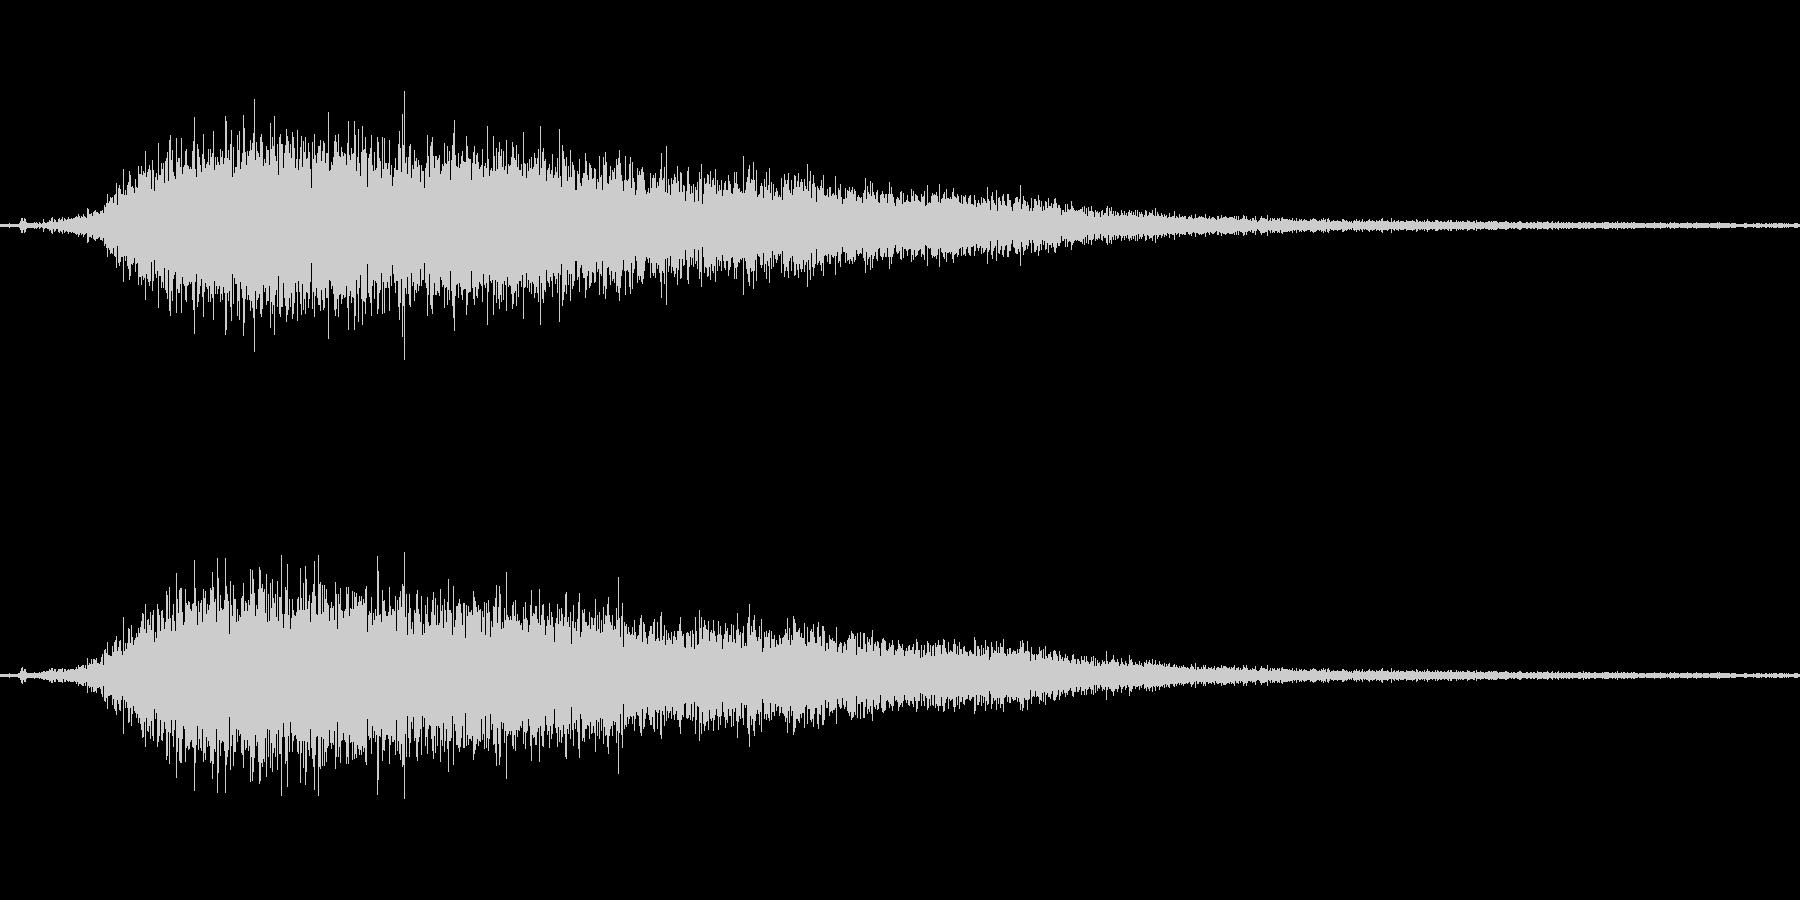 【プシュー】蒸気などを排出する音の未再生の波形